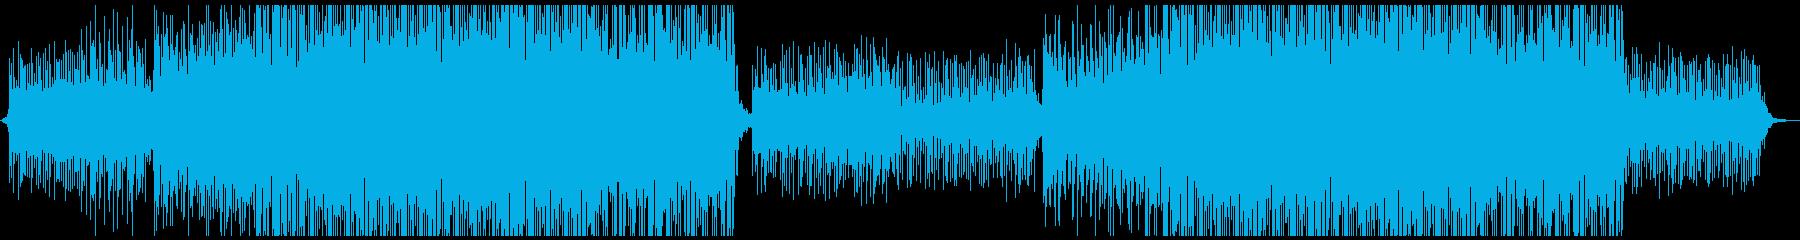 夏の夜中2時に聴きたいトロピカル楽曲の再生済みの波形